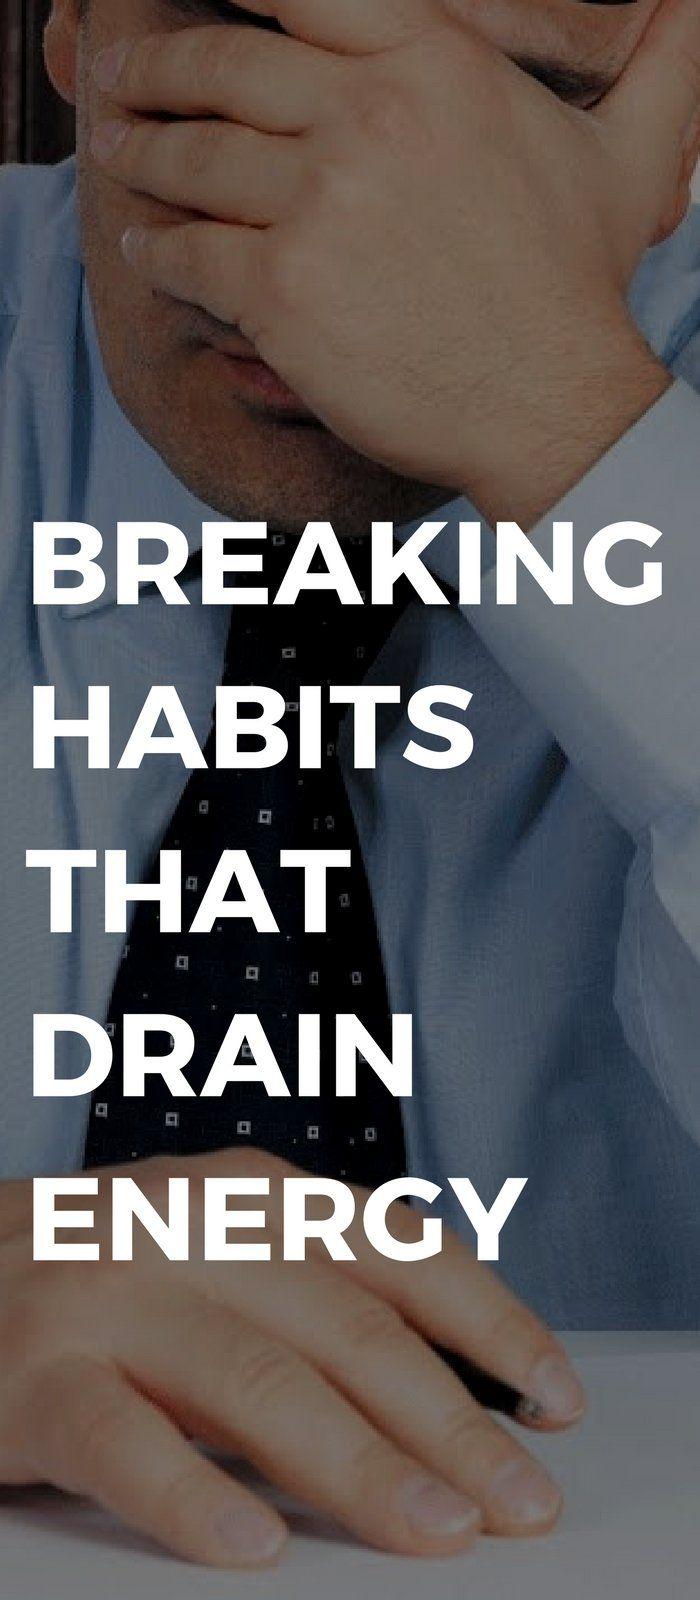 Habits lifestyle draining energy 2019